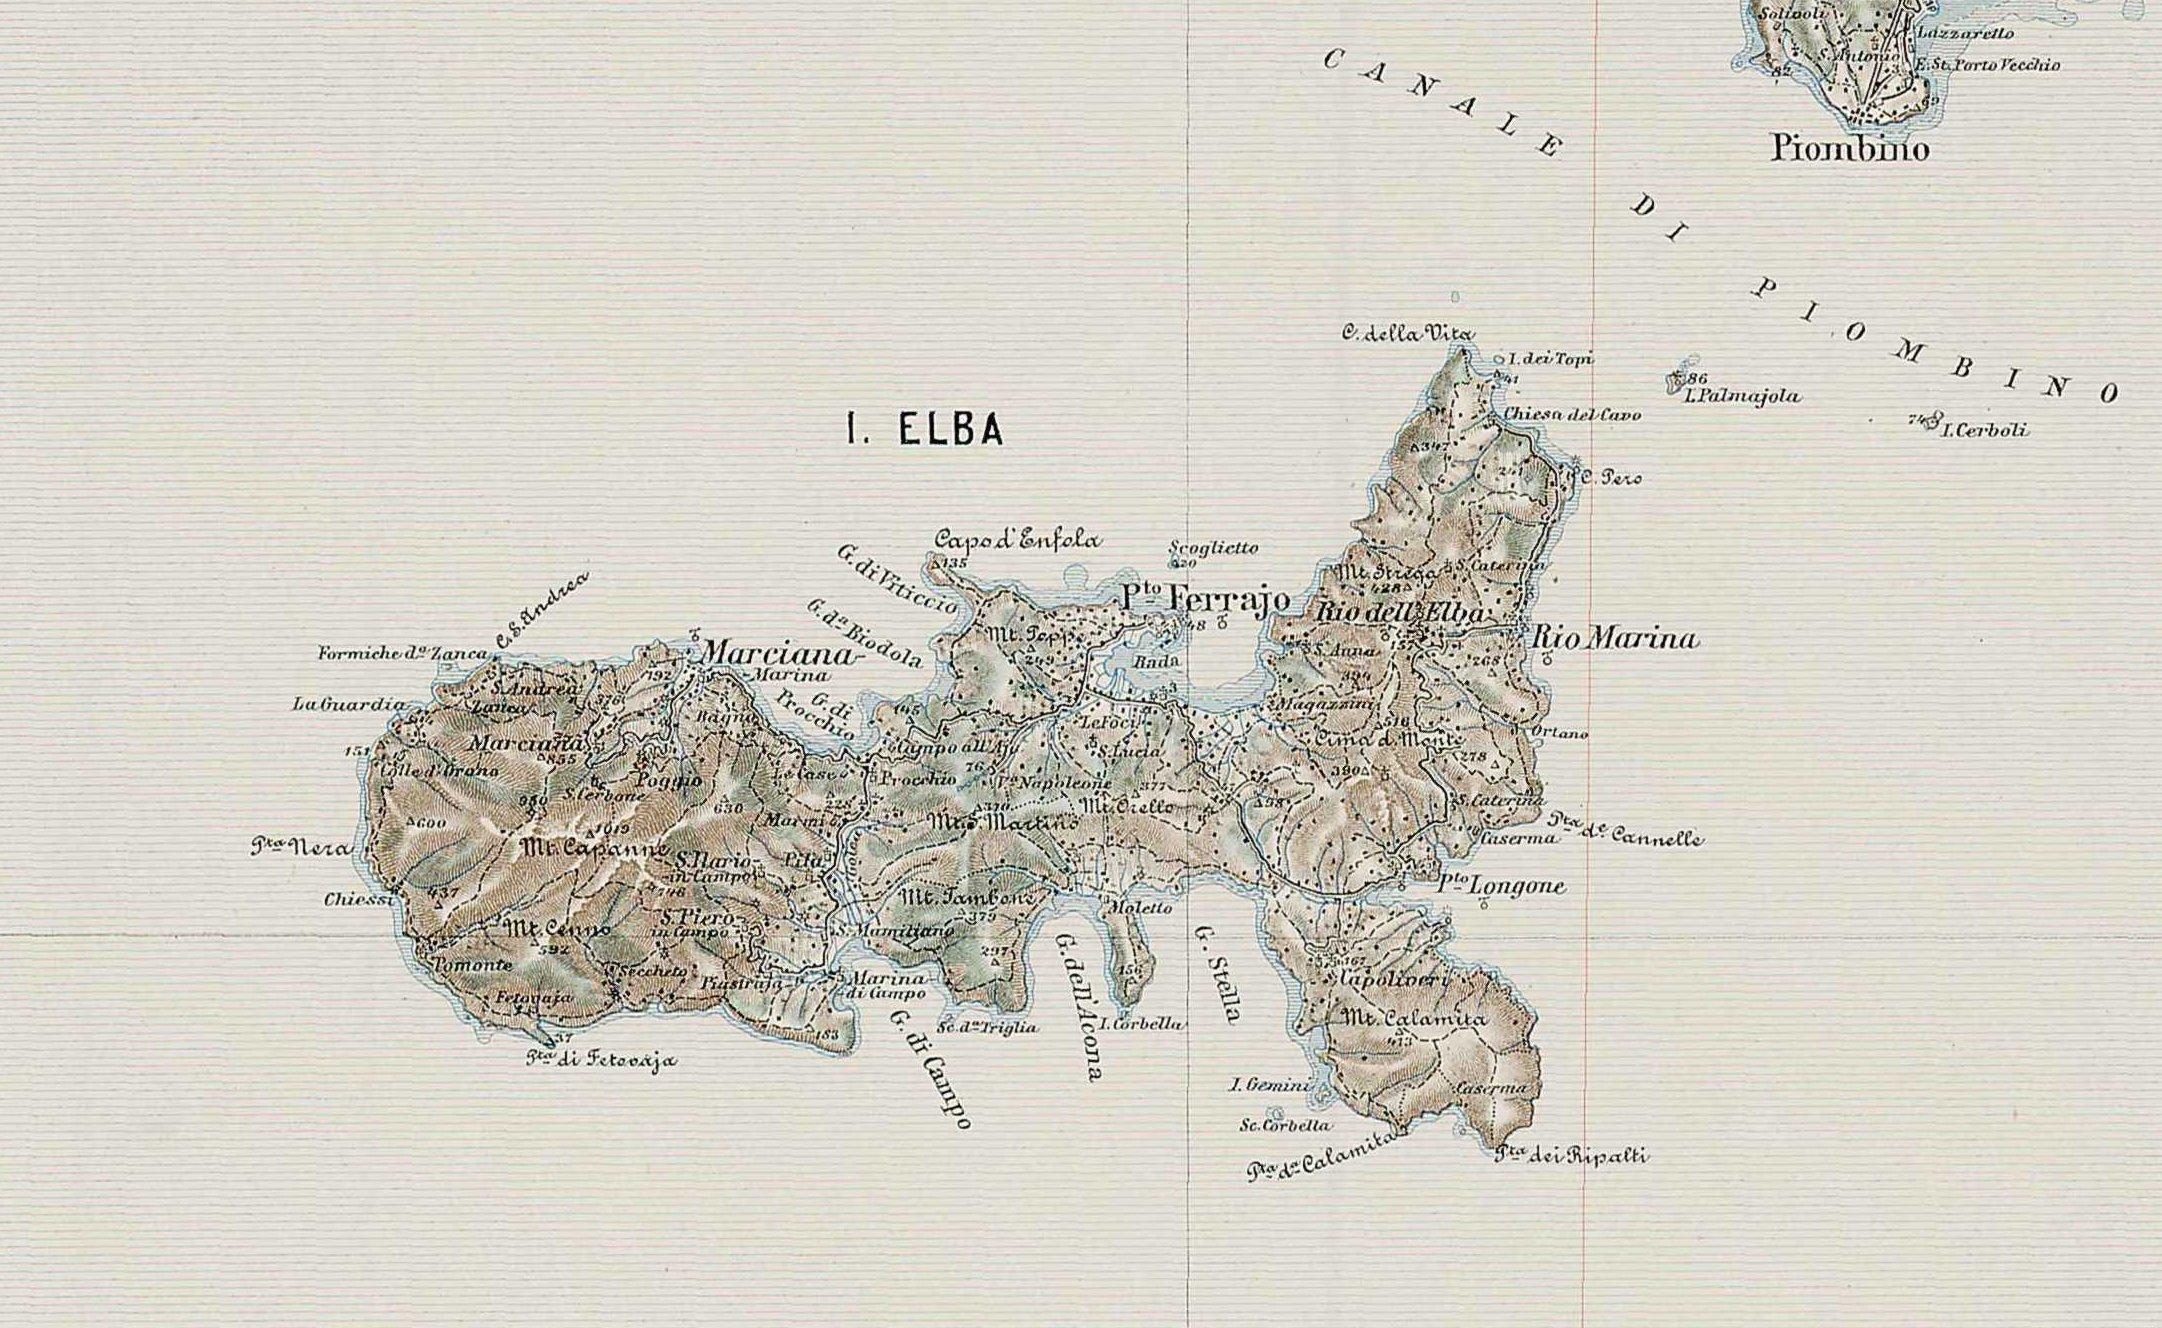 austro-hungarian-survey-of-mediterranean_elba_1904.jpg